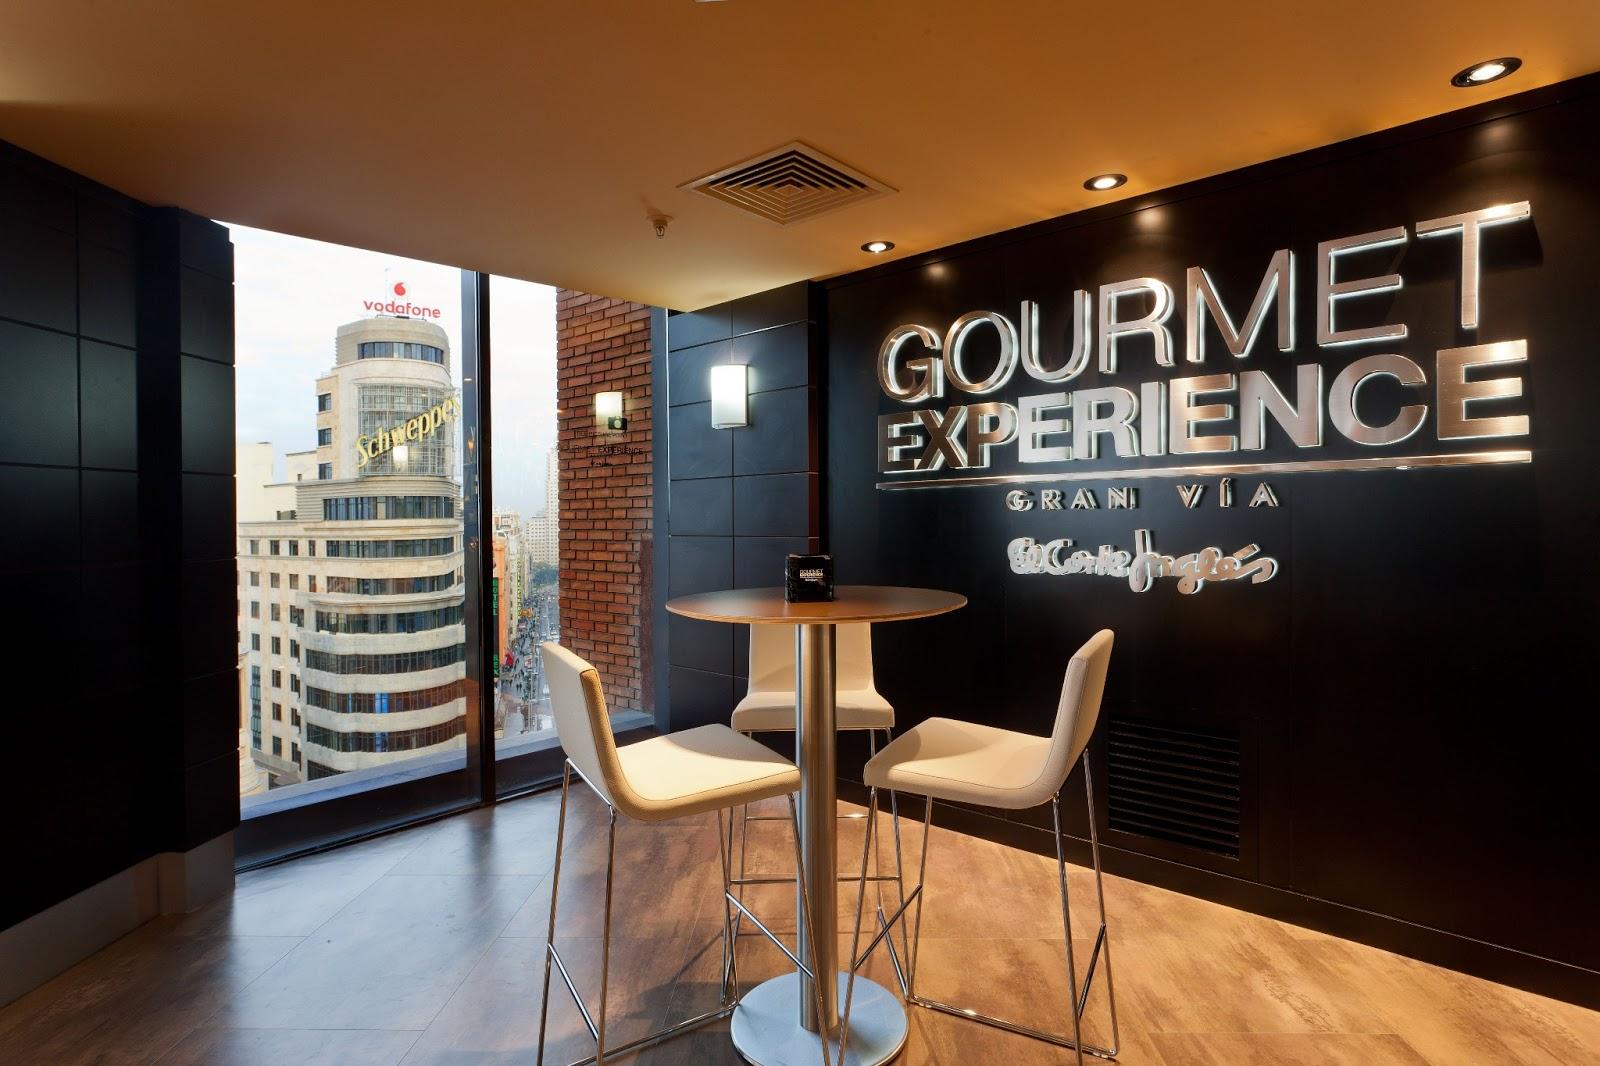 Un domingo por madrid con slippers el blog de silvia - Gourmet experience goya ...